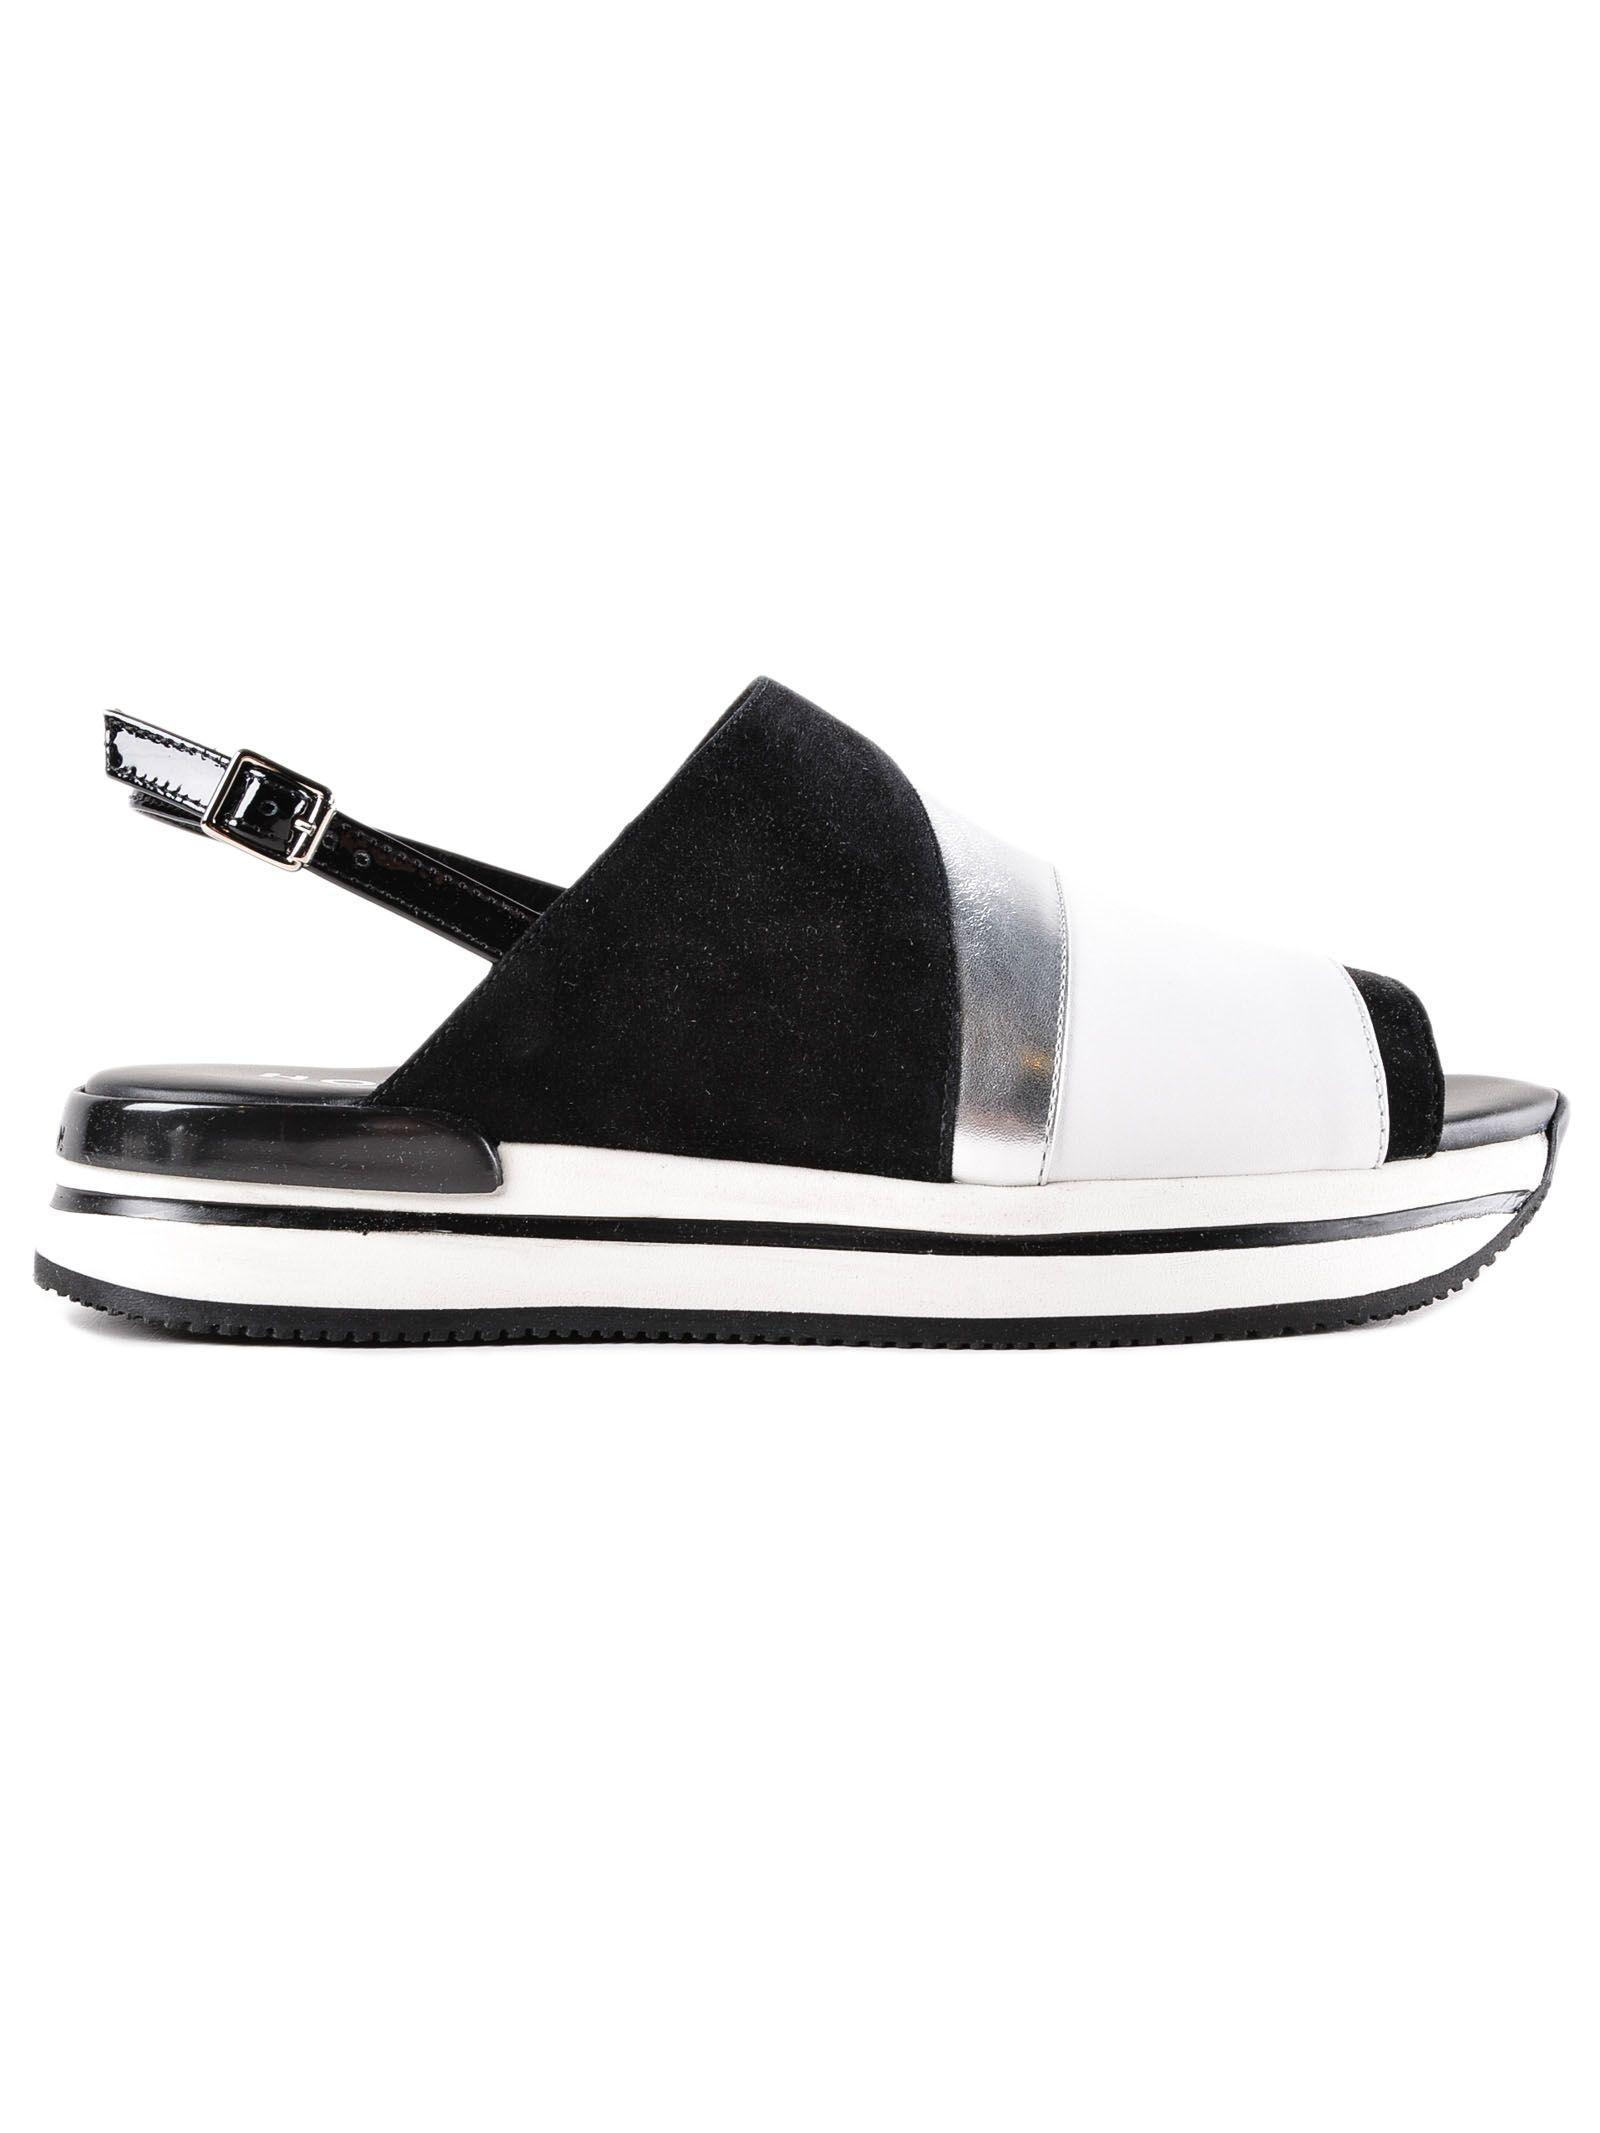 HOGAN | Hogan Hogan H257 Nuova Ciabatta #Shoes #Sandals #HOGAN ...